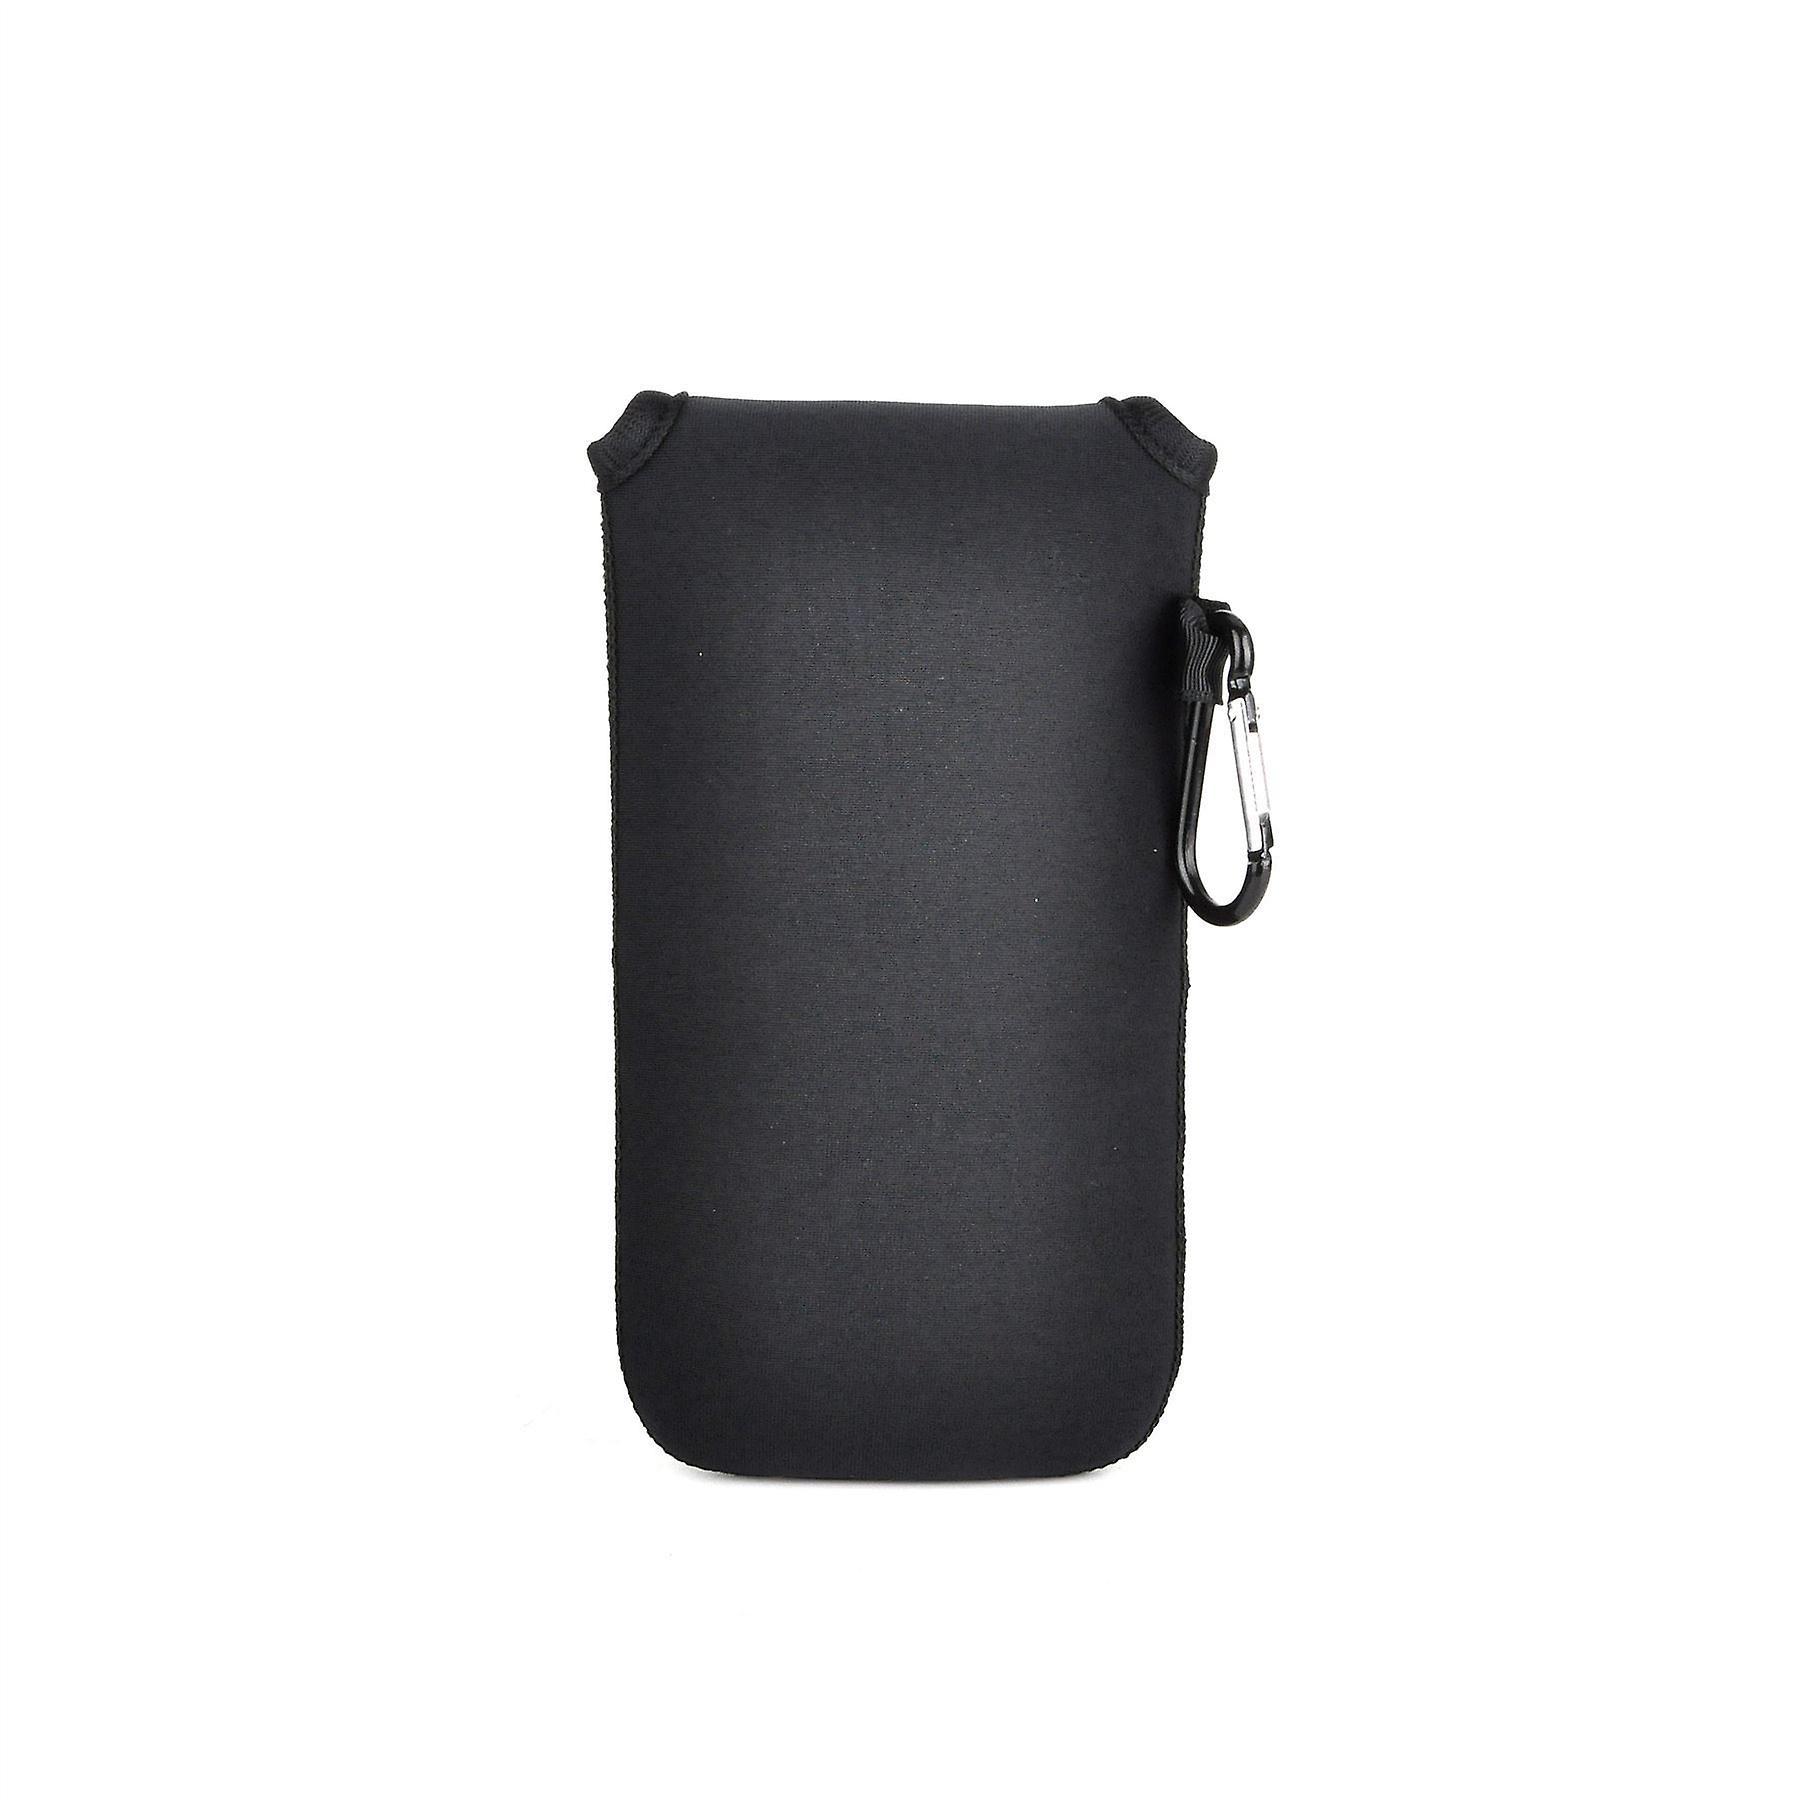 كيس تغطية القضية الحقيبة واقية مقاومة لتأثير النيوبرين إينفينتكاسي مع إغلاق Velcro والألمنيوم Carabiner سامسونج غالاكسي أساسية مسبقة--الأسود